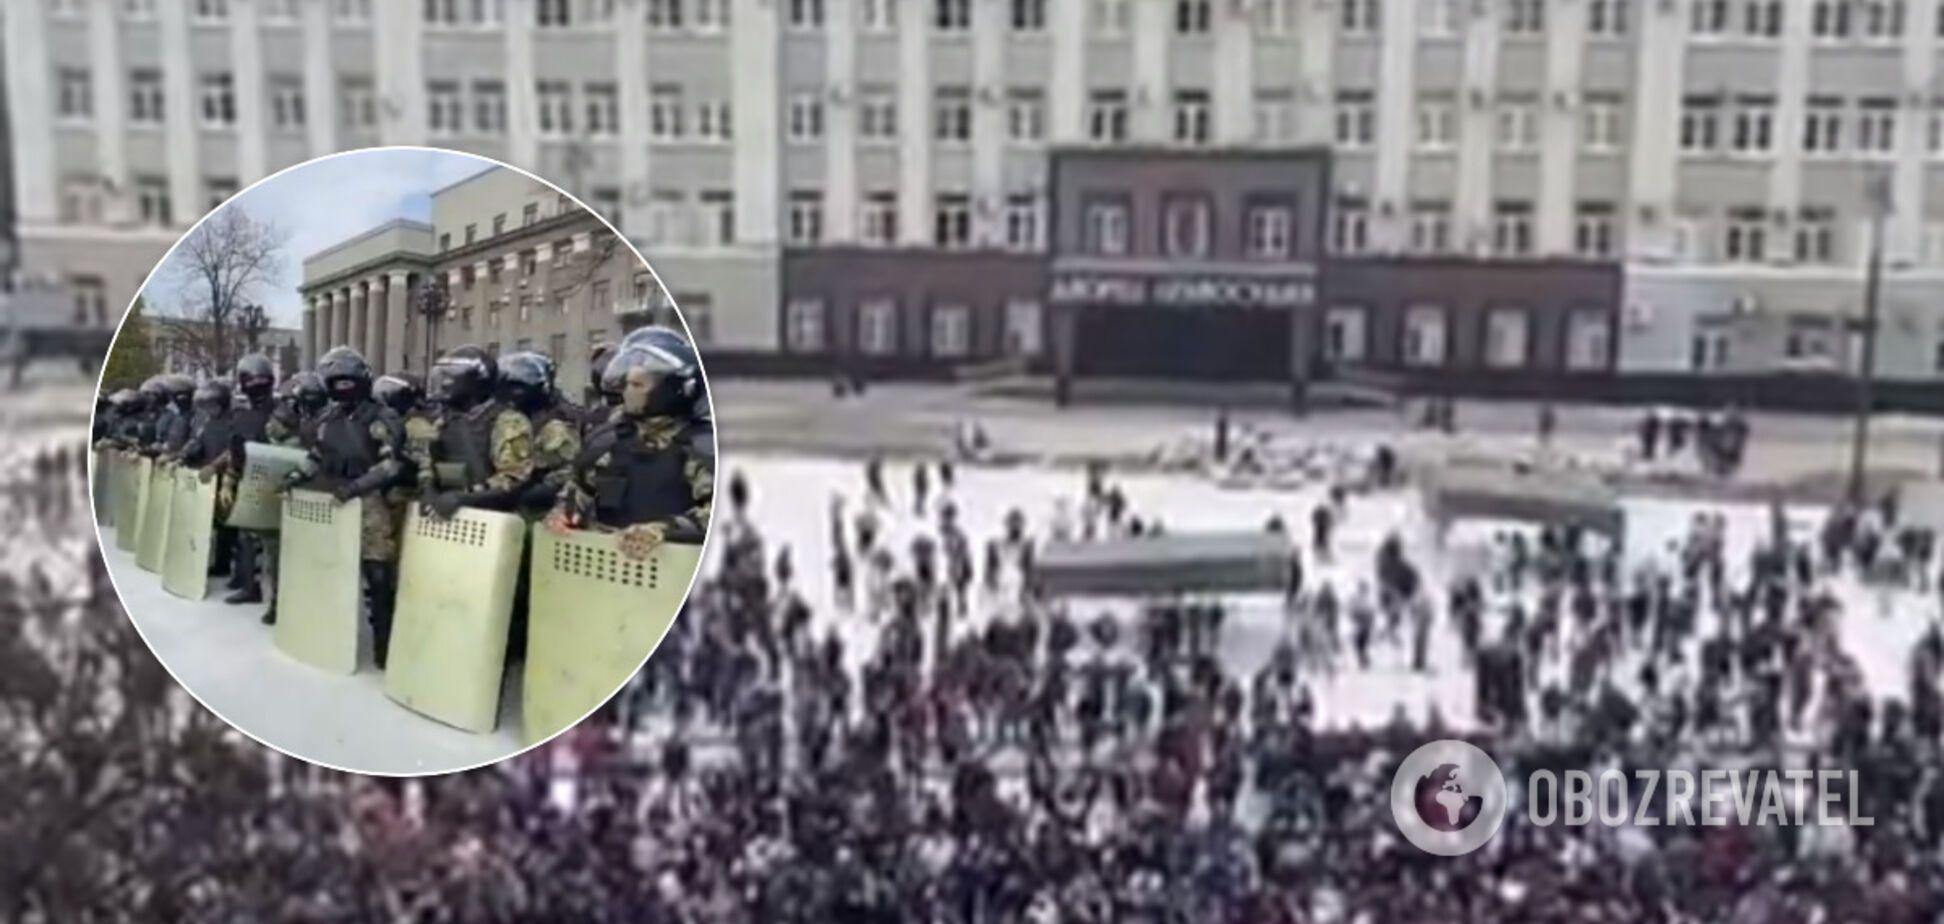 В Северной Осетии взбунтовались против карантина: ОМОН разогнал тысячи людей. Фото и видео